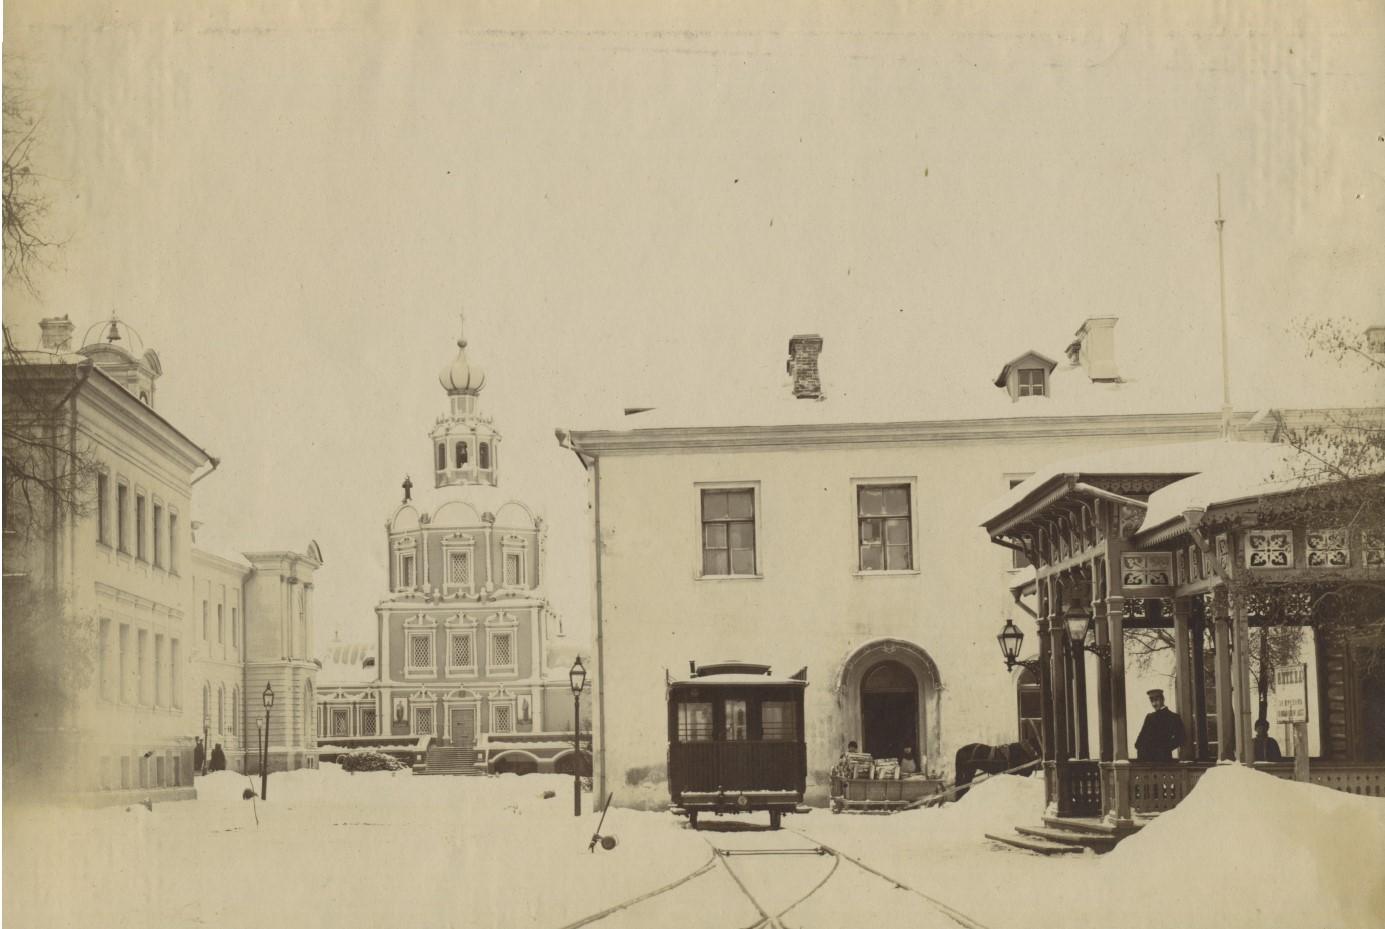 Трамвайный вокзал паровичка. В доме справа за дверью касса взаимопомощи и квартира вагоновожатых в современном 9-м учебном корпусе